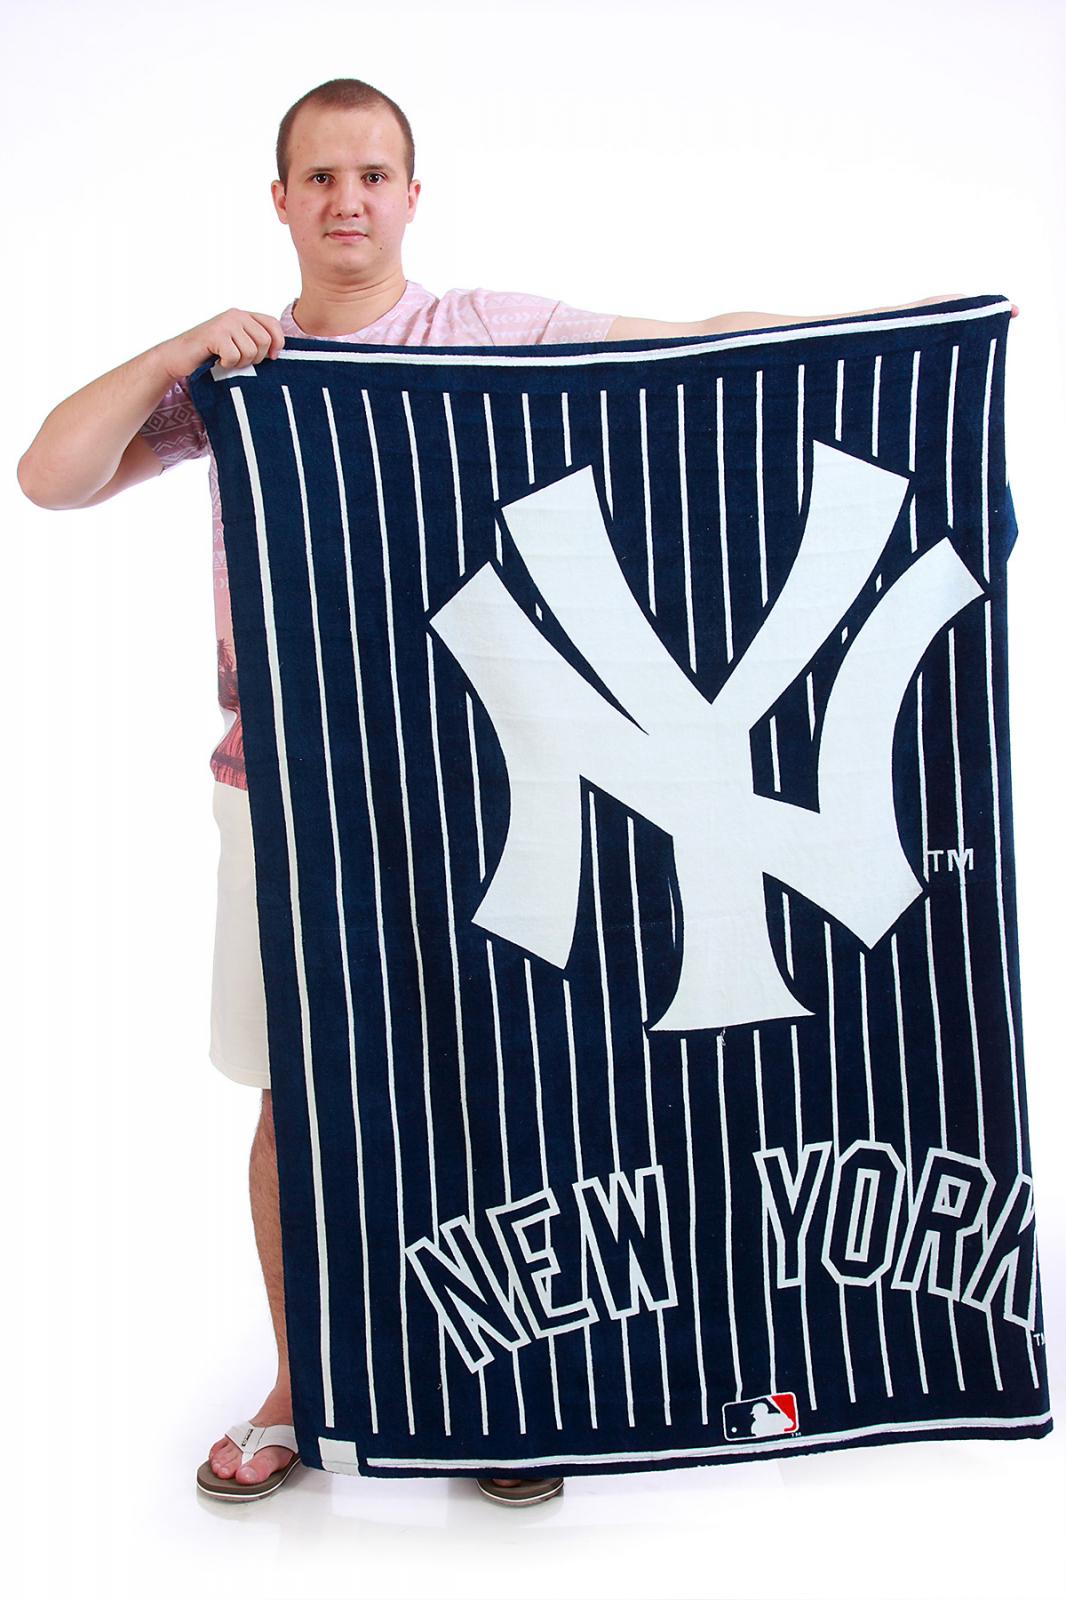 Качественное полотенце по сниженной цене